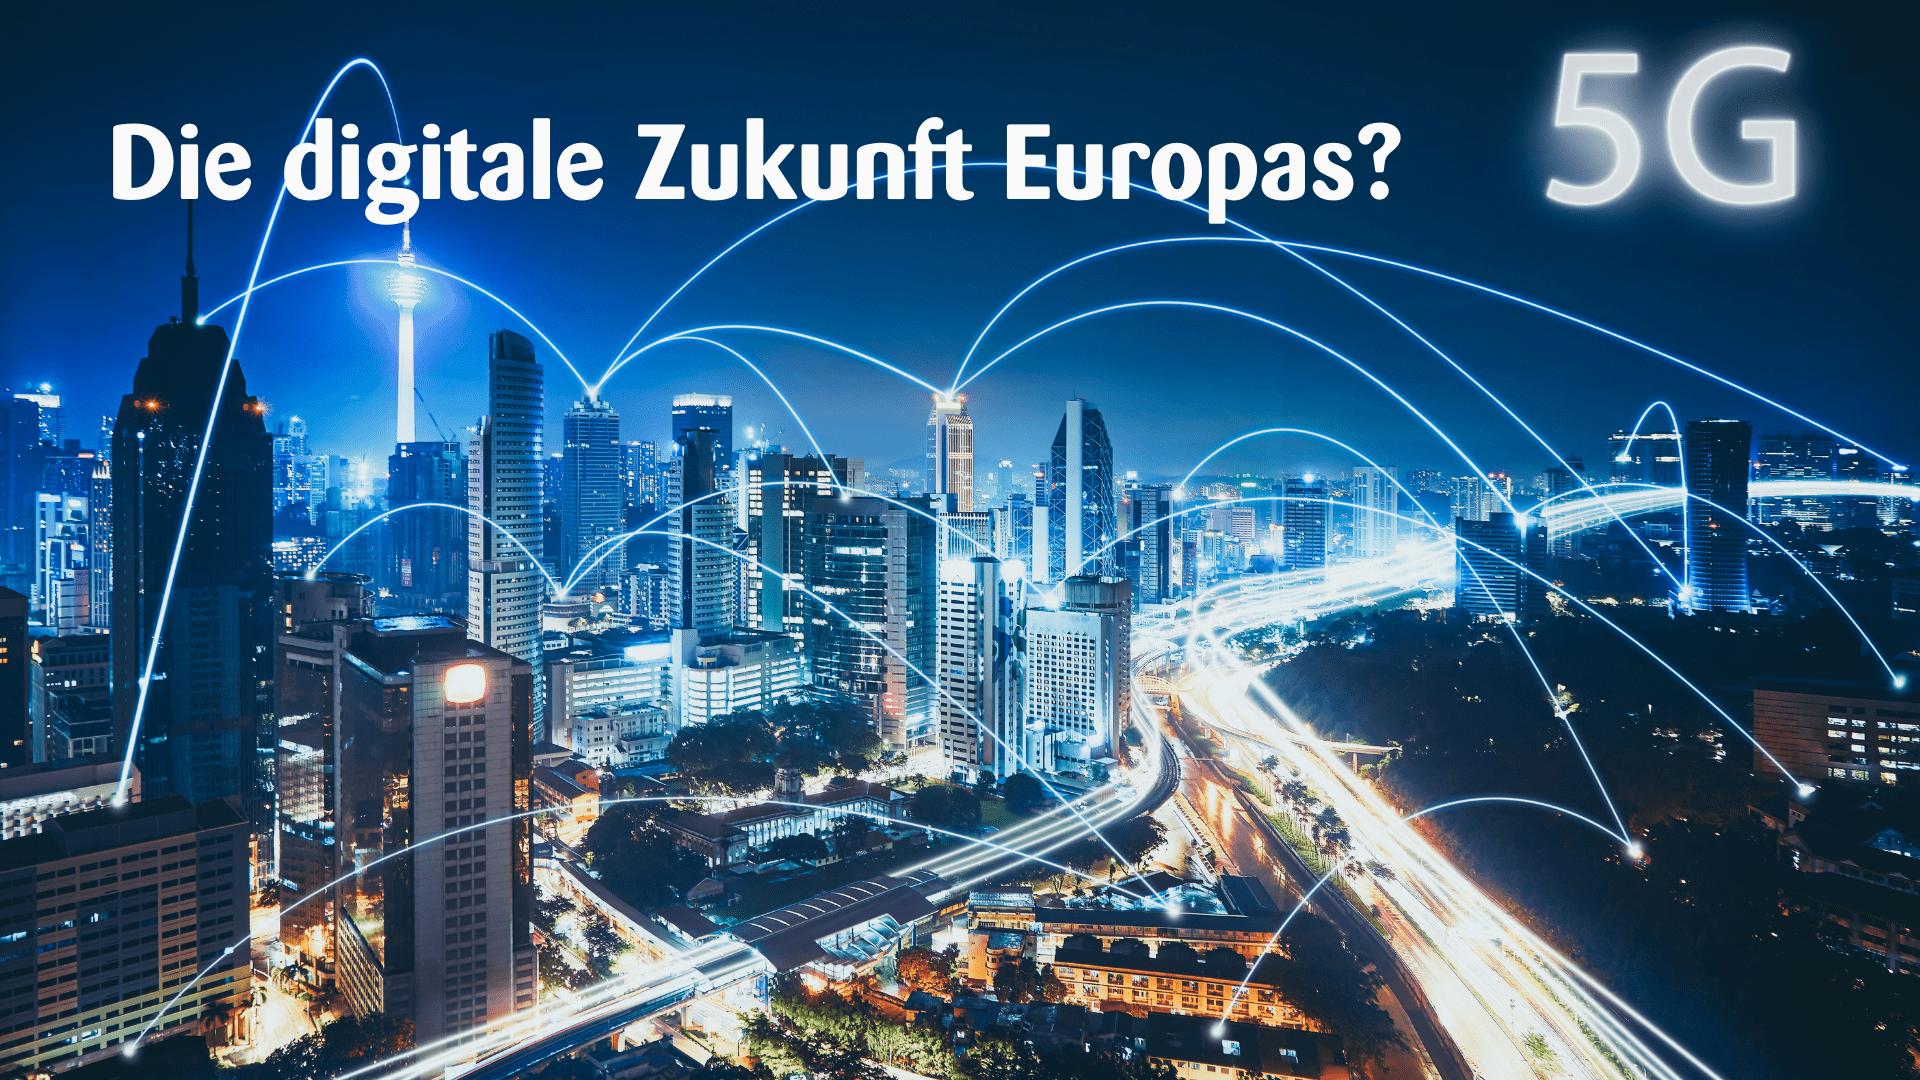 5G – Die digitale Zukunft Europas?